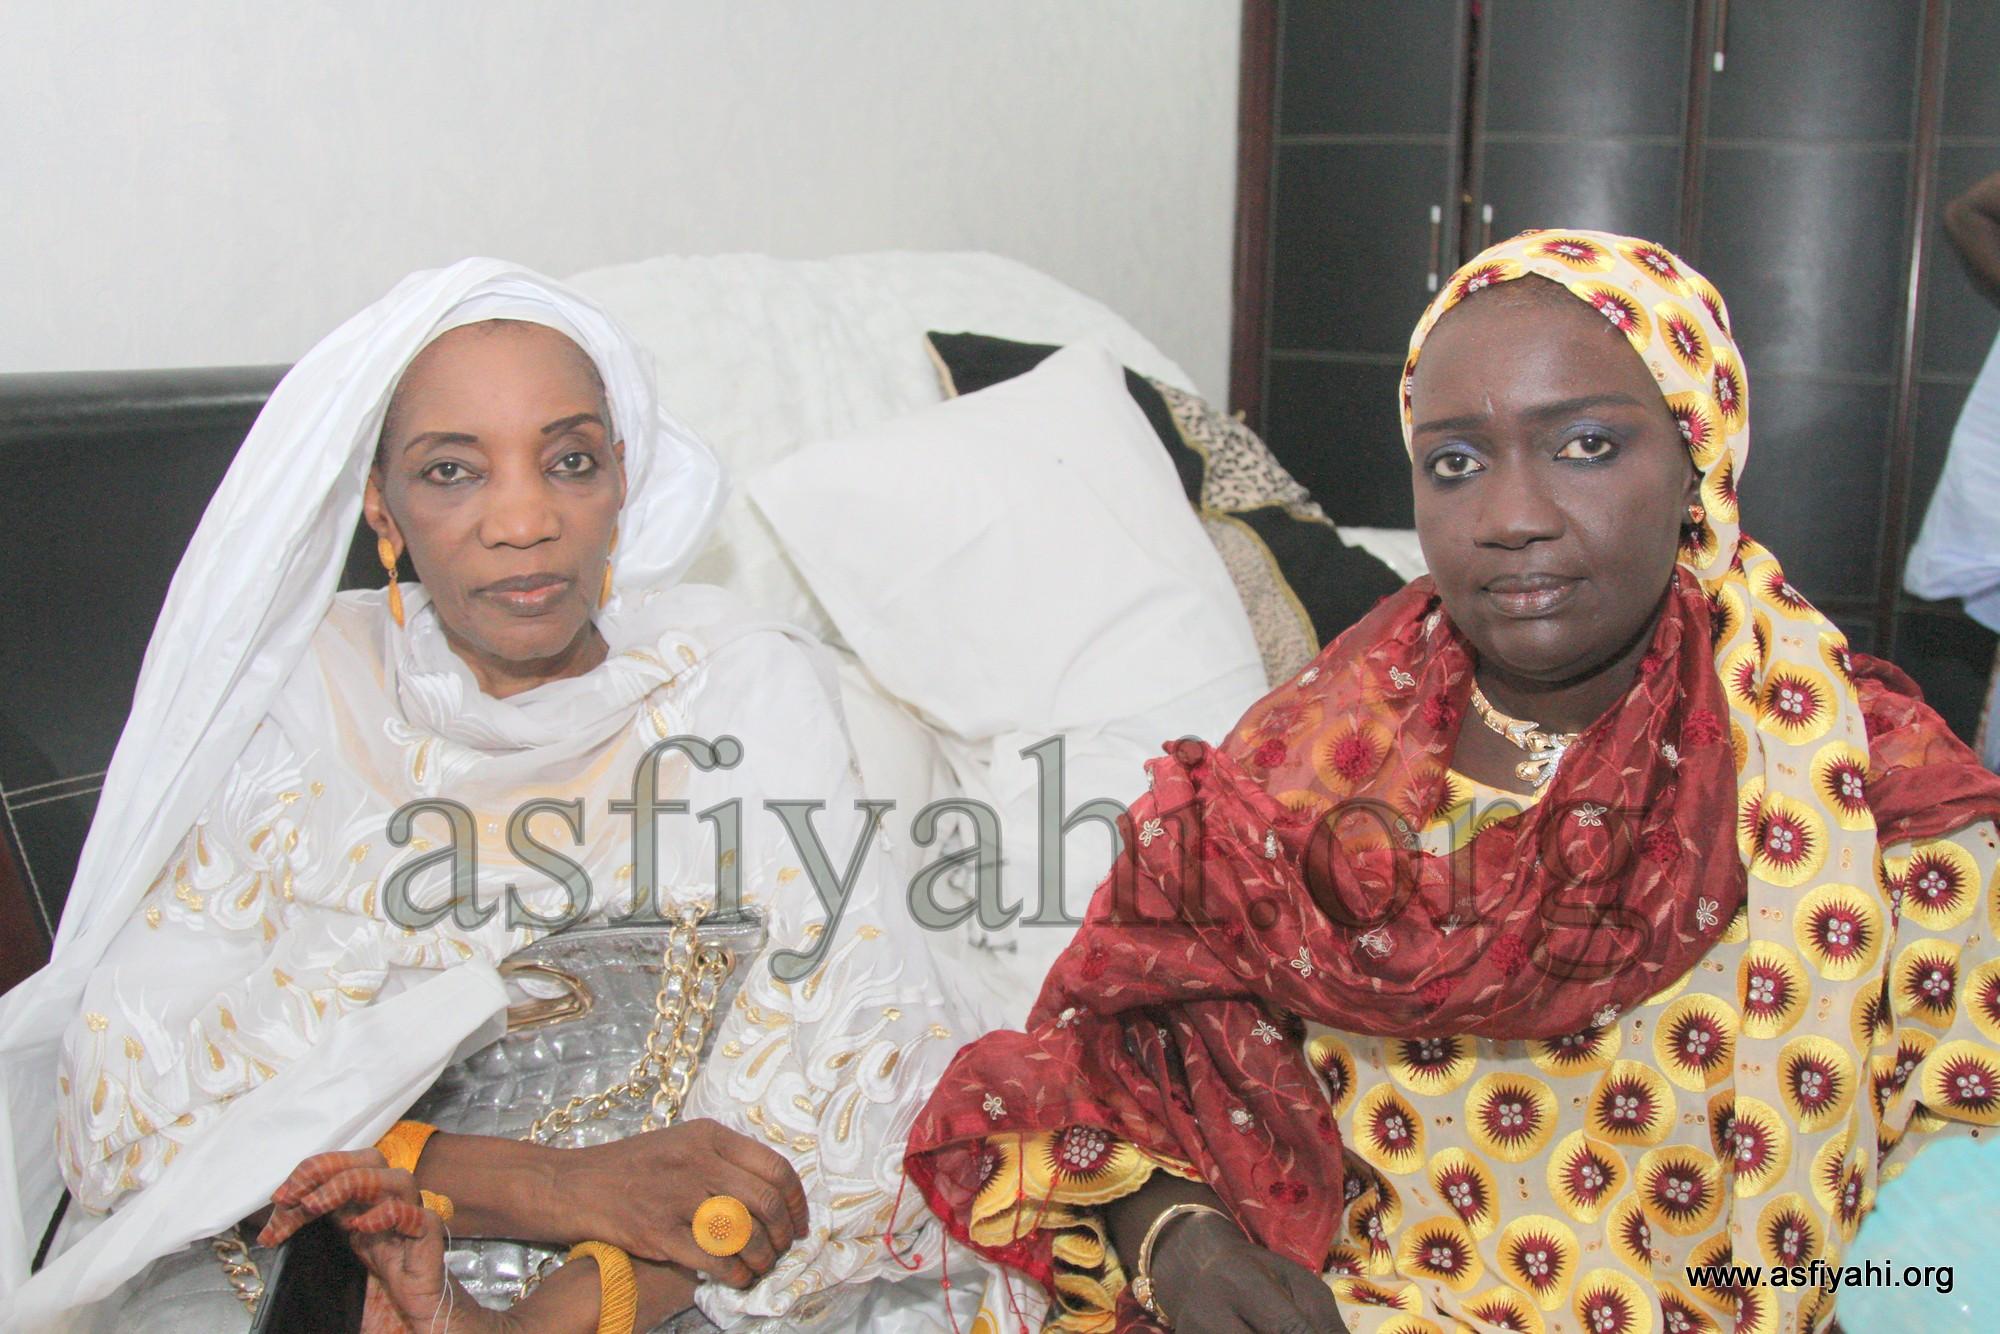 PHOTOS - Les Images du Gamou Libérté 5 de Sokhna Oumou Khaïry Sy Dabakh, Édition 2015